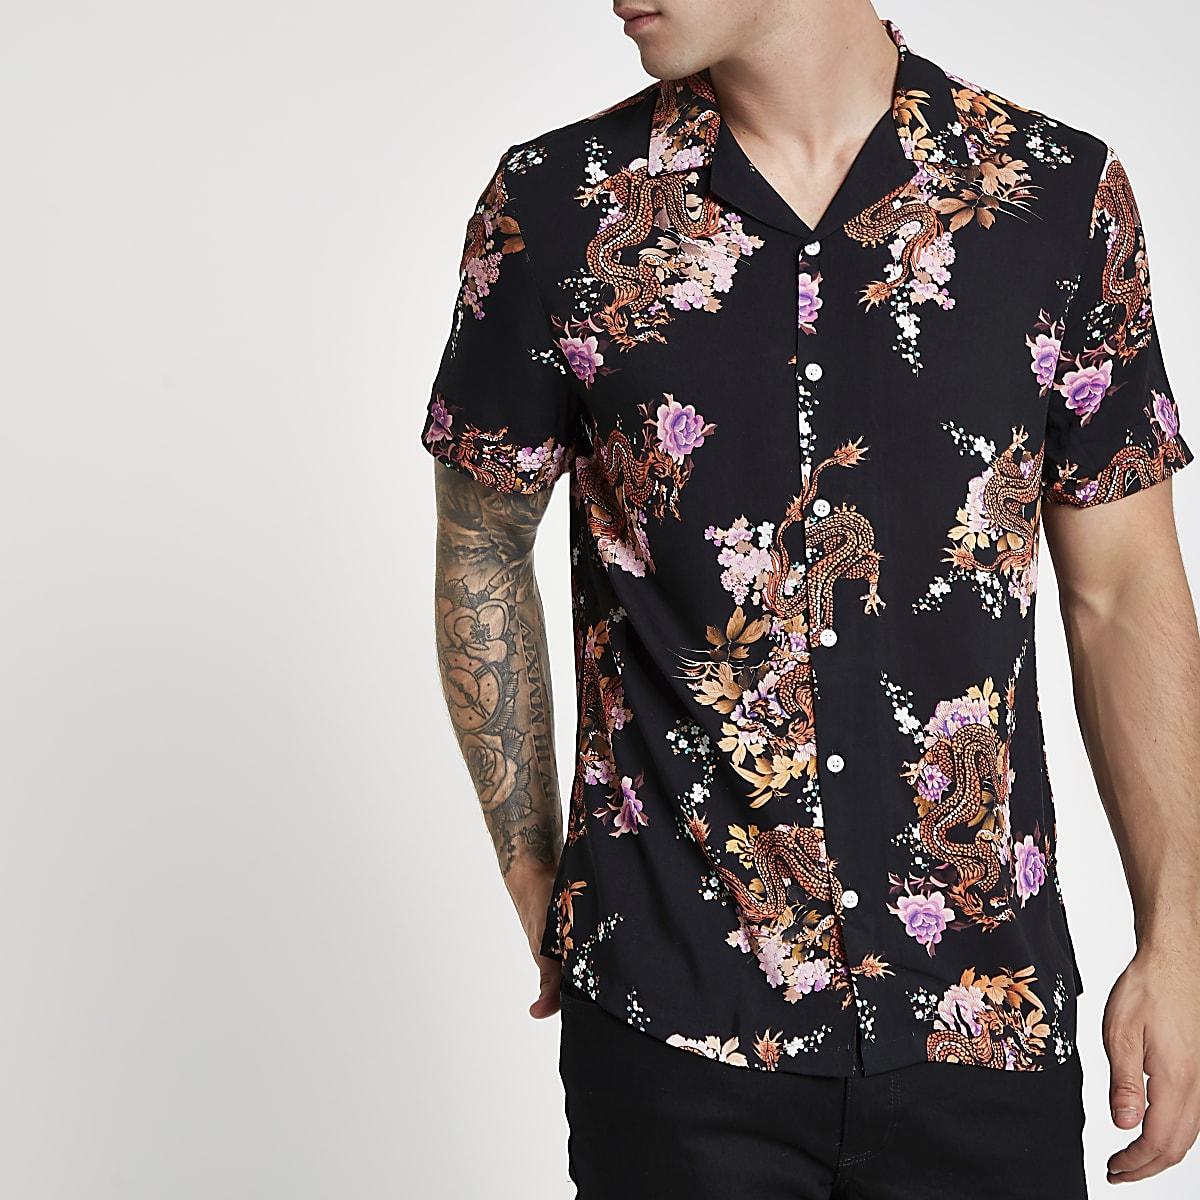 Overhemd Zwart Korte Mouw.Zwart Overhemd Met Korte Mouwen Bloemen En Drakenprint